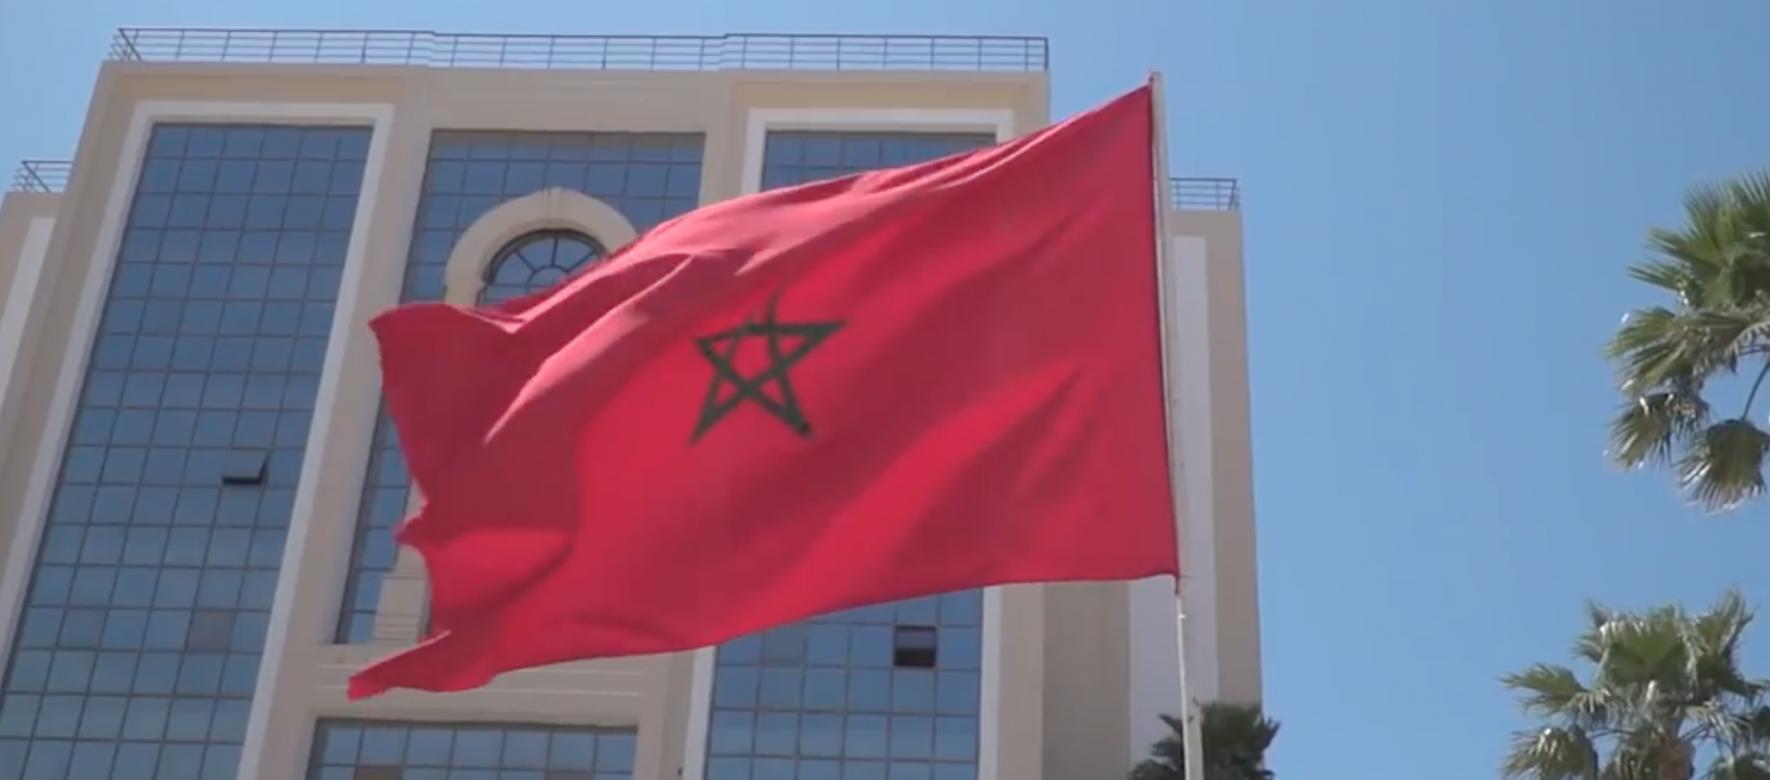 Maroc : La dette extérieure franchit le cap des 35 milliards de dollars